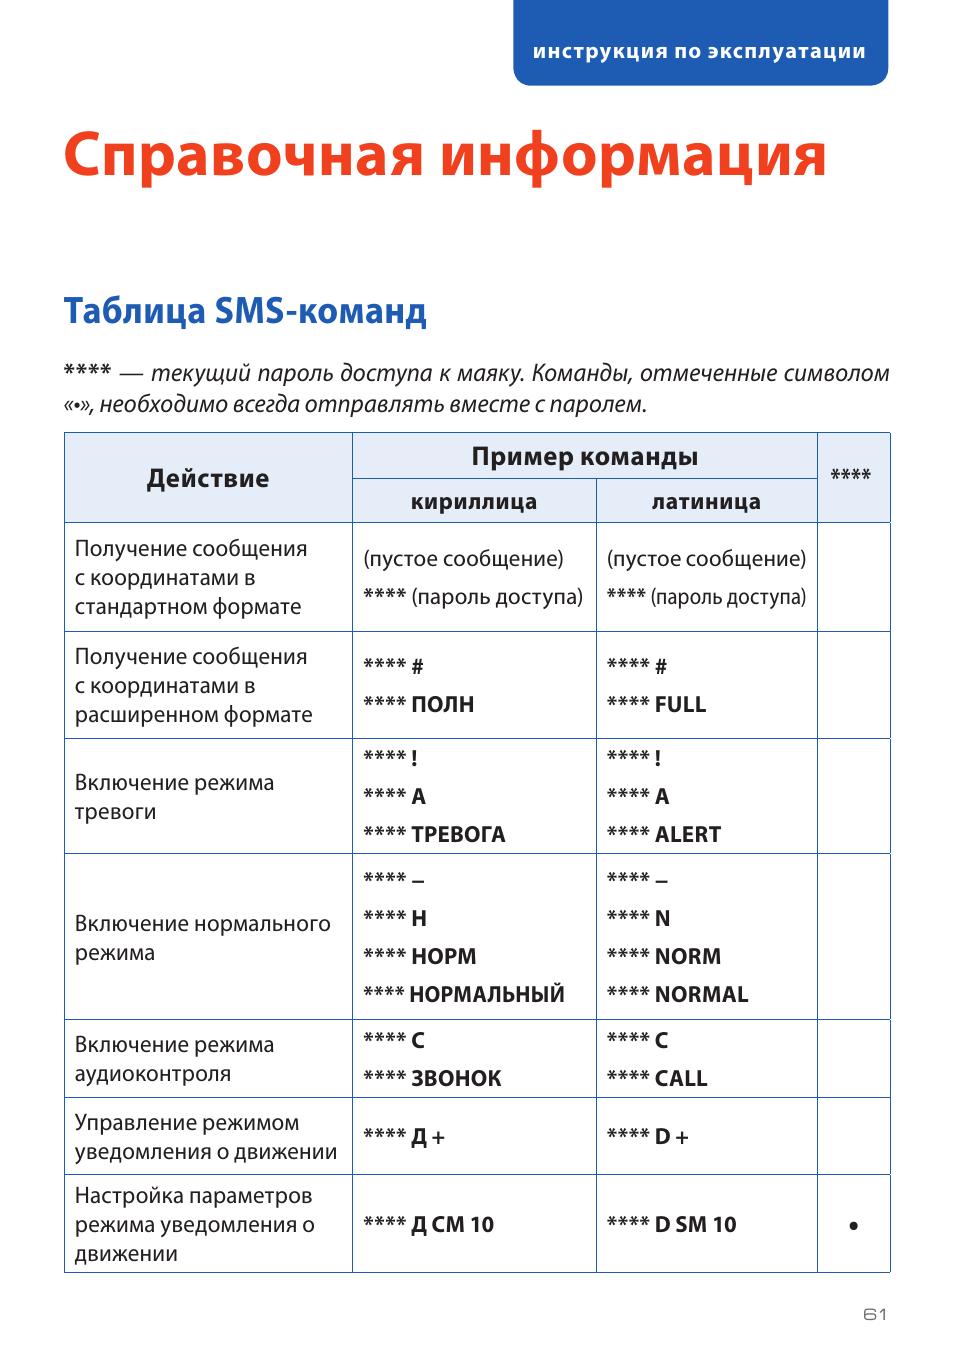 Справочная информация, Таблица sms-команд